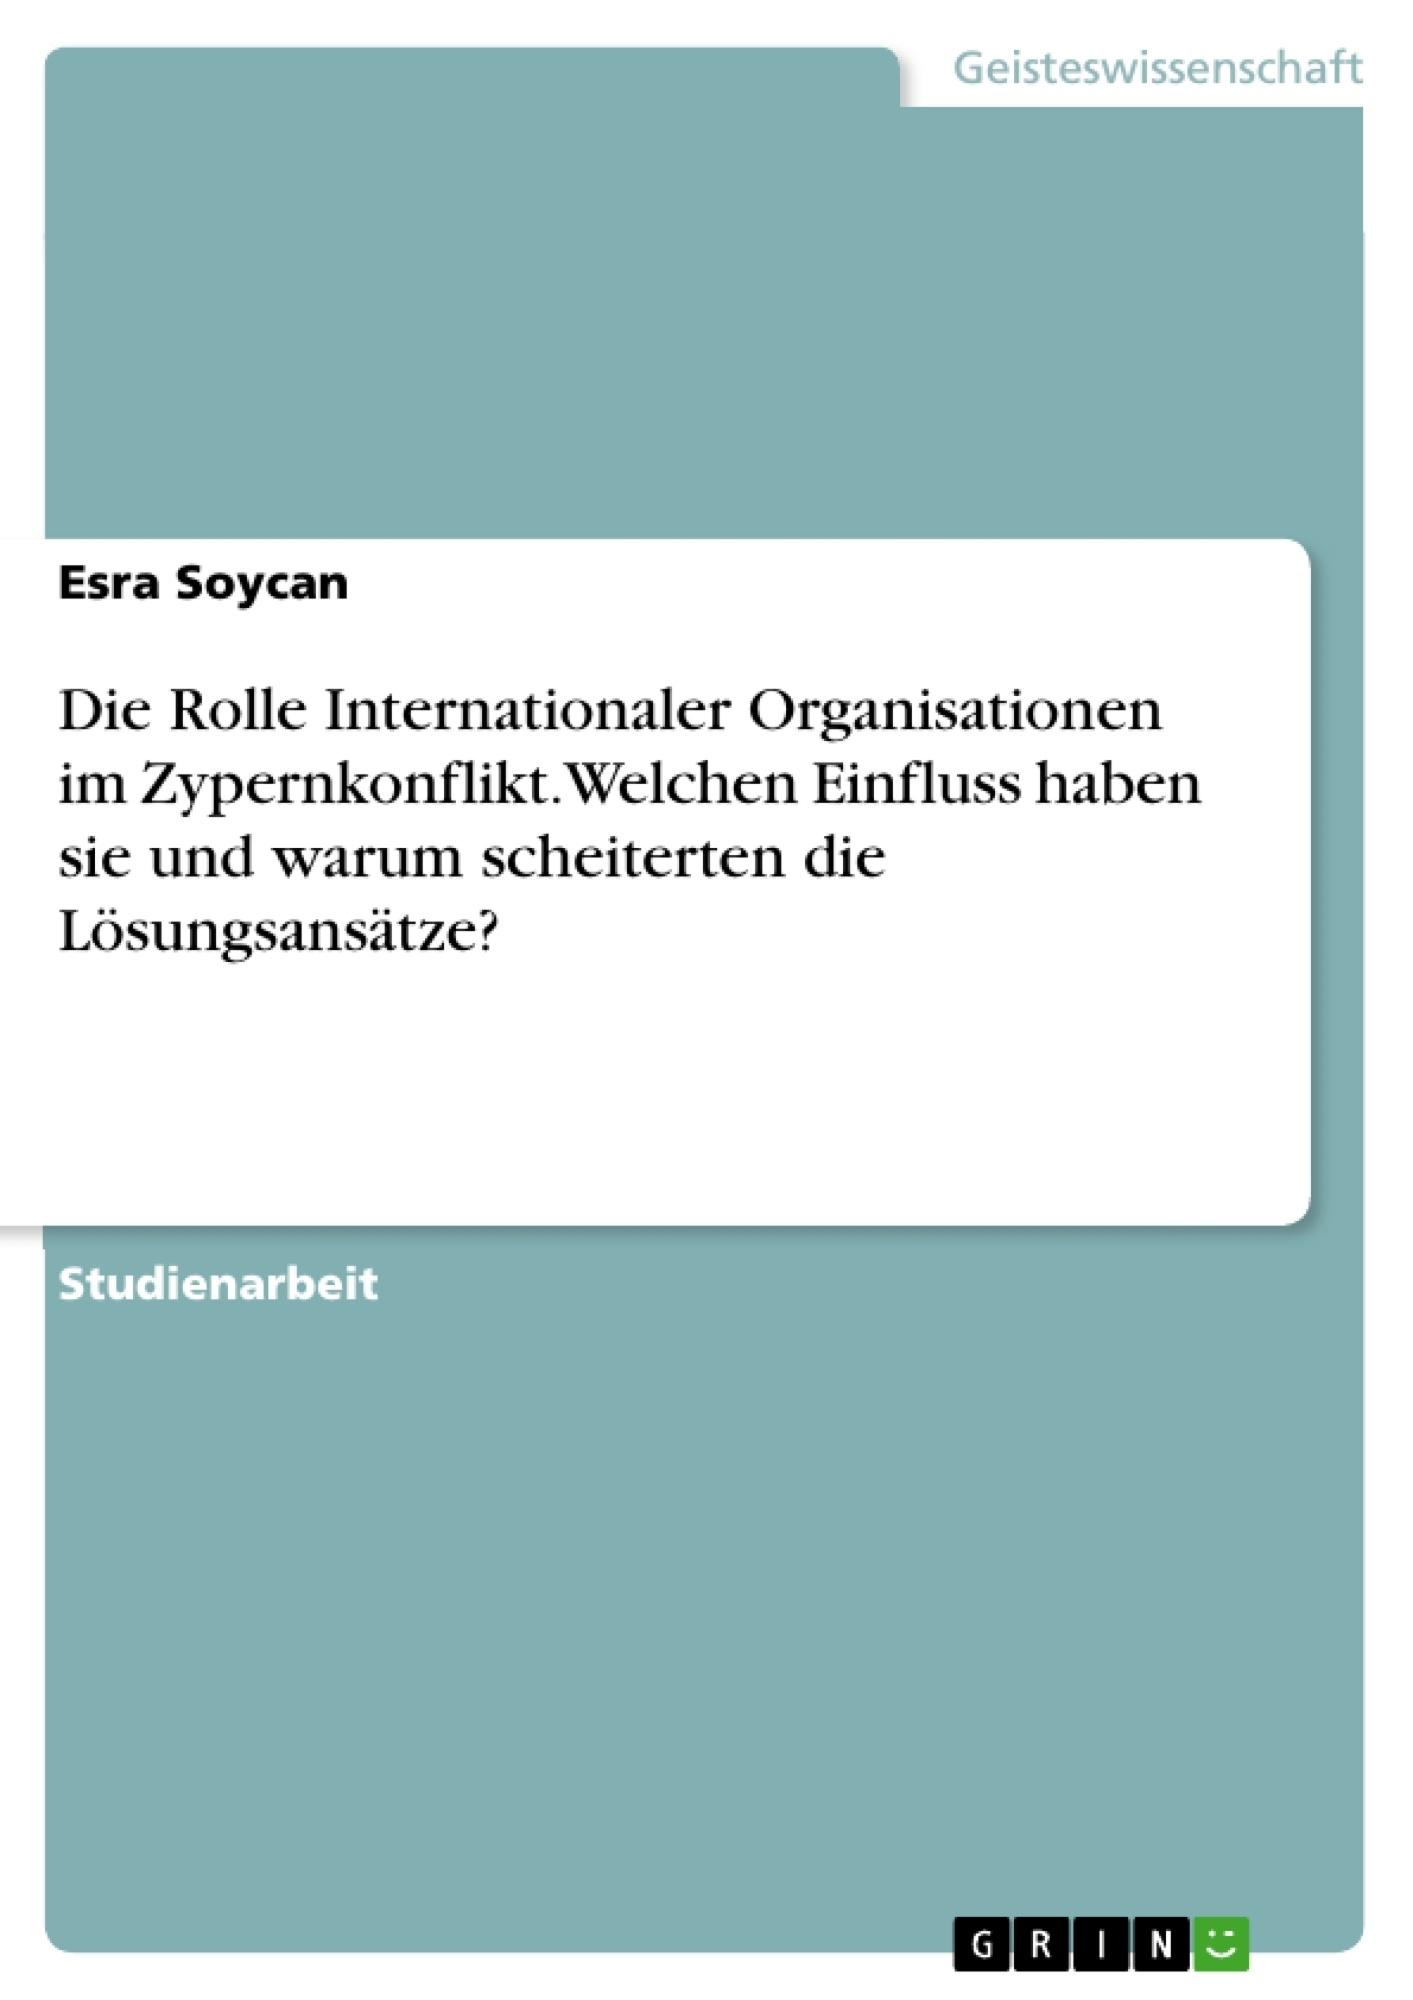 Titel: Die Rolle Internationaler Organisationen im Zypernkonflikt. Welchen Einfluss haben sie und warum scheiterten die Lösungsansätze?